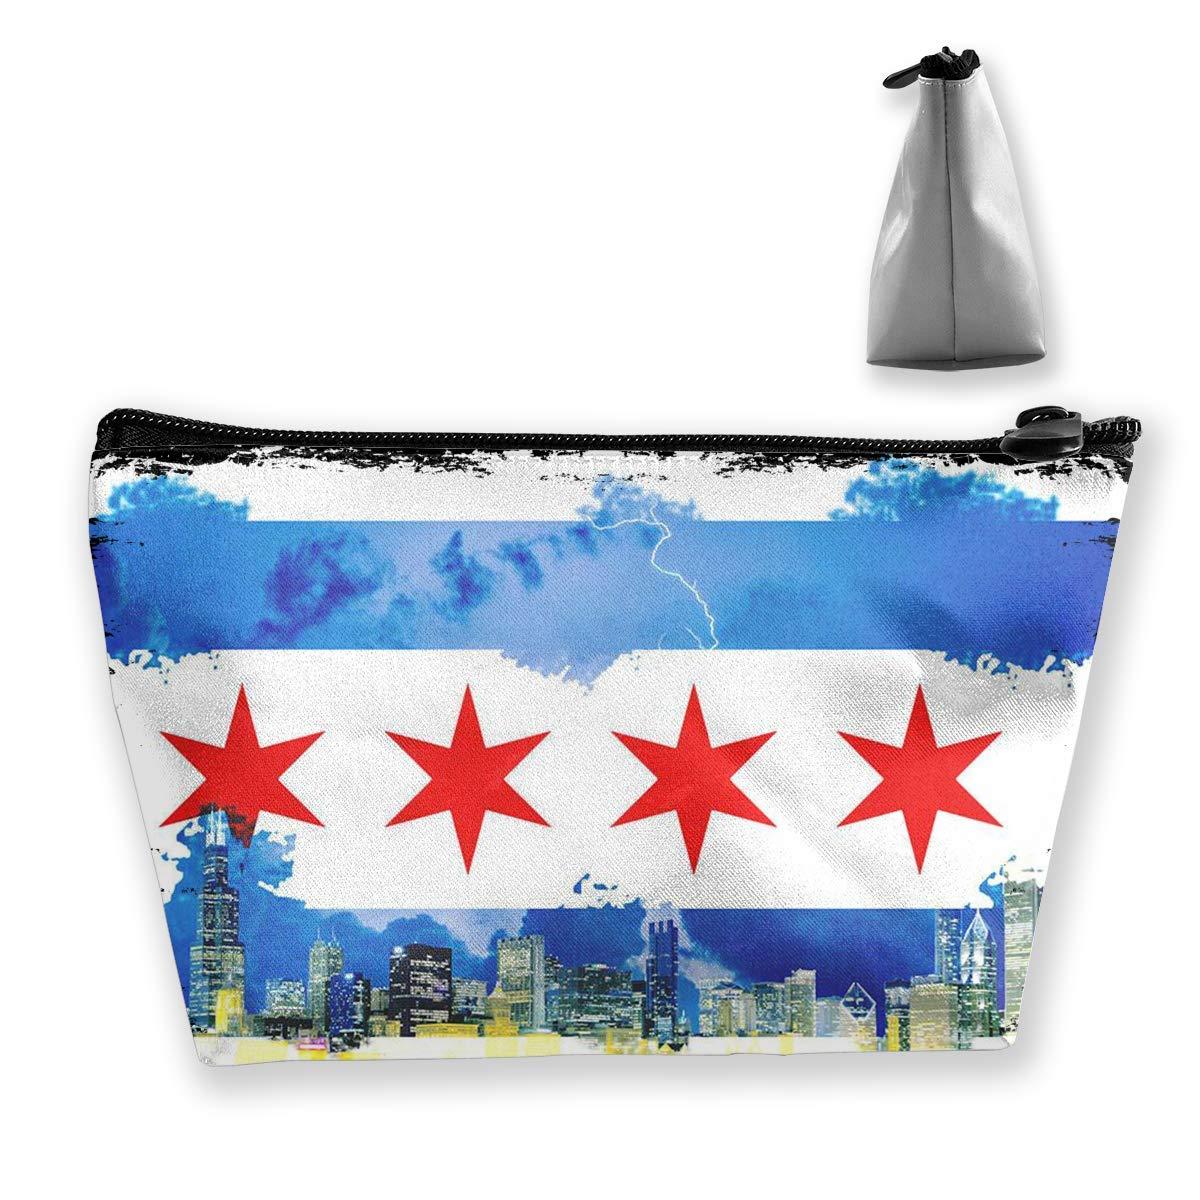 Zapwalls Calcomanías Acuarela Bandera de Chicago Horizonte de la pared Gráficos de viaje Bolsas de cosméticos Estuche de lápices Bolso multifunción